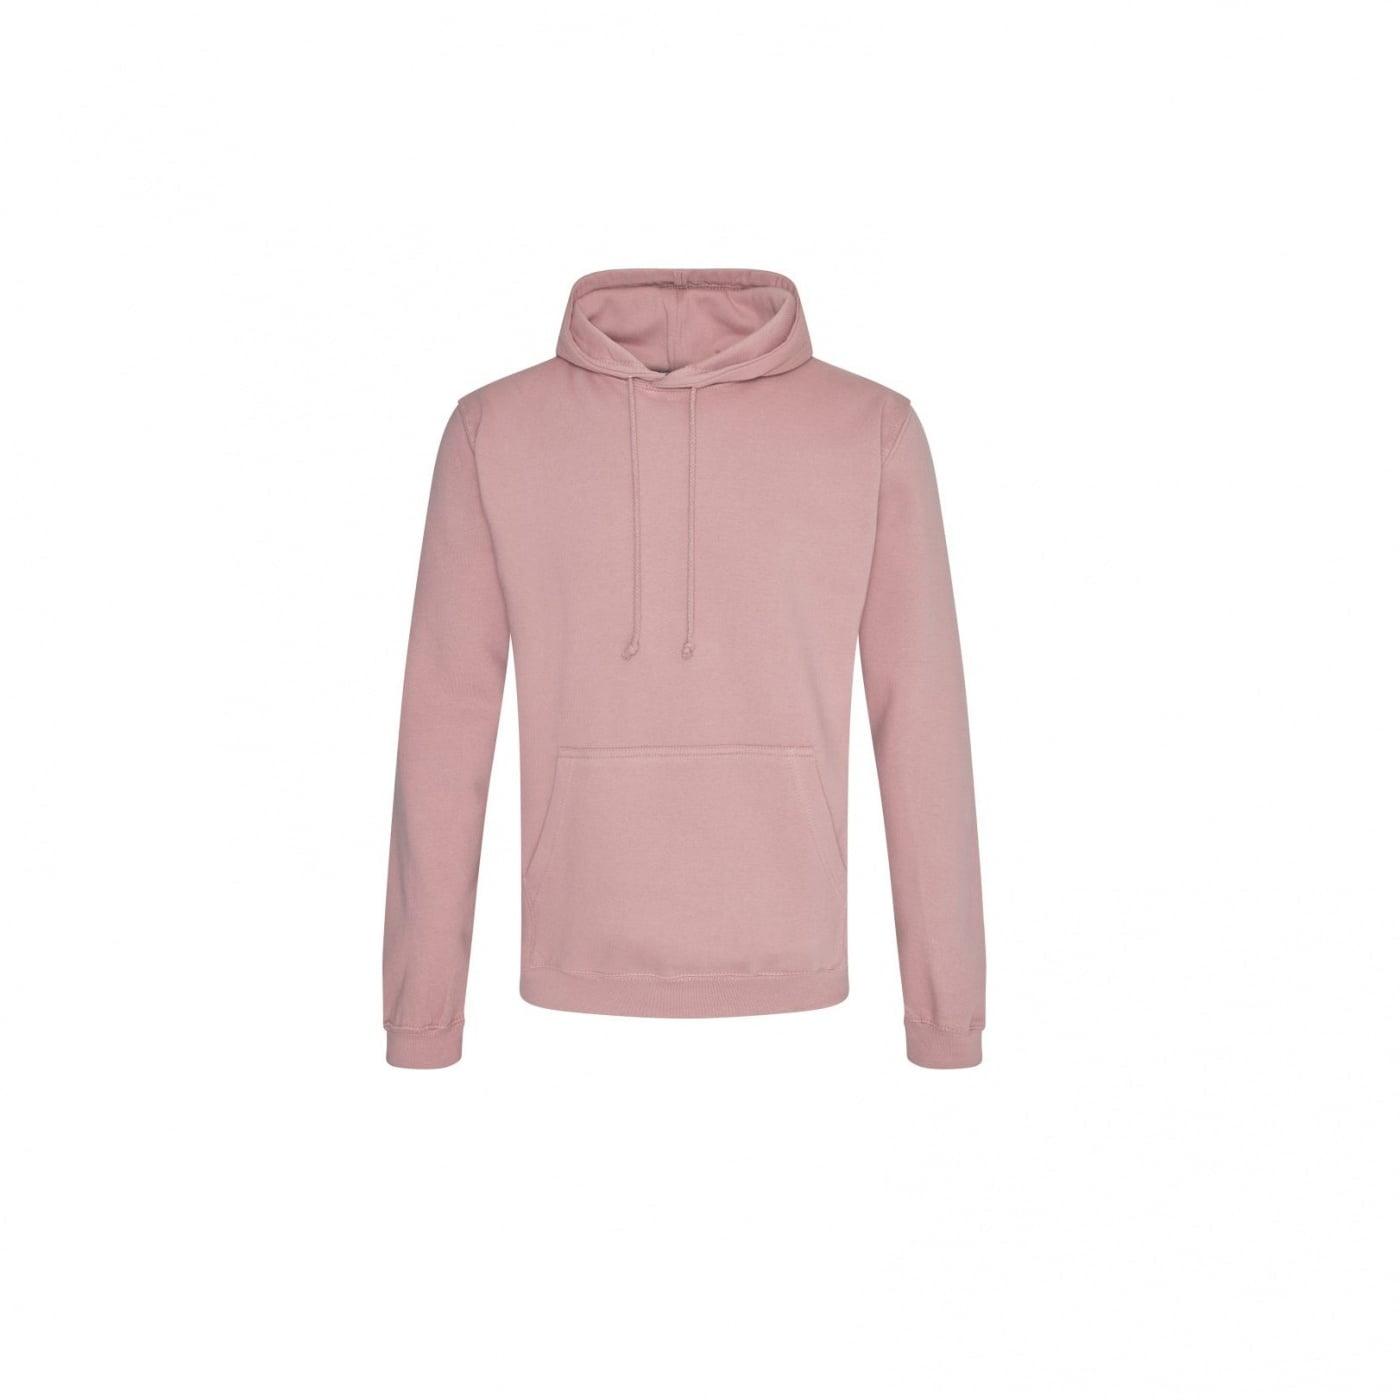 Bluzy - Bluza z kapturem College - Just Hoods JH001 - Dusty Pink - RAVEN - koszulki reklamowe z nadrukiem, odzież reklamowa i gastronomiczna